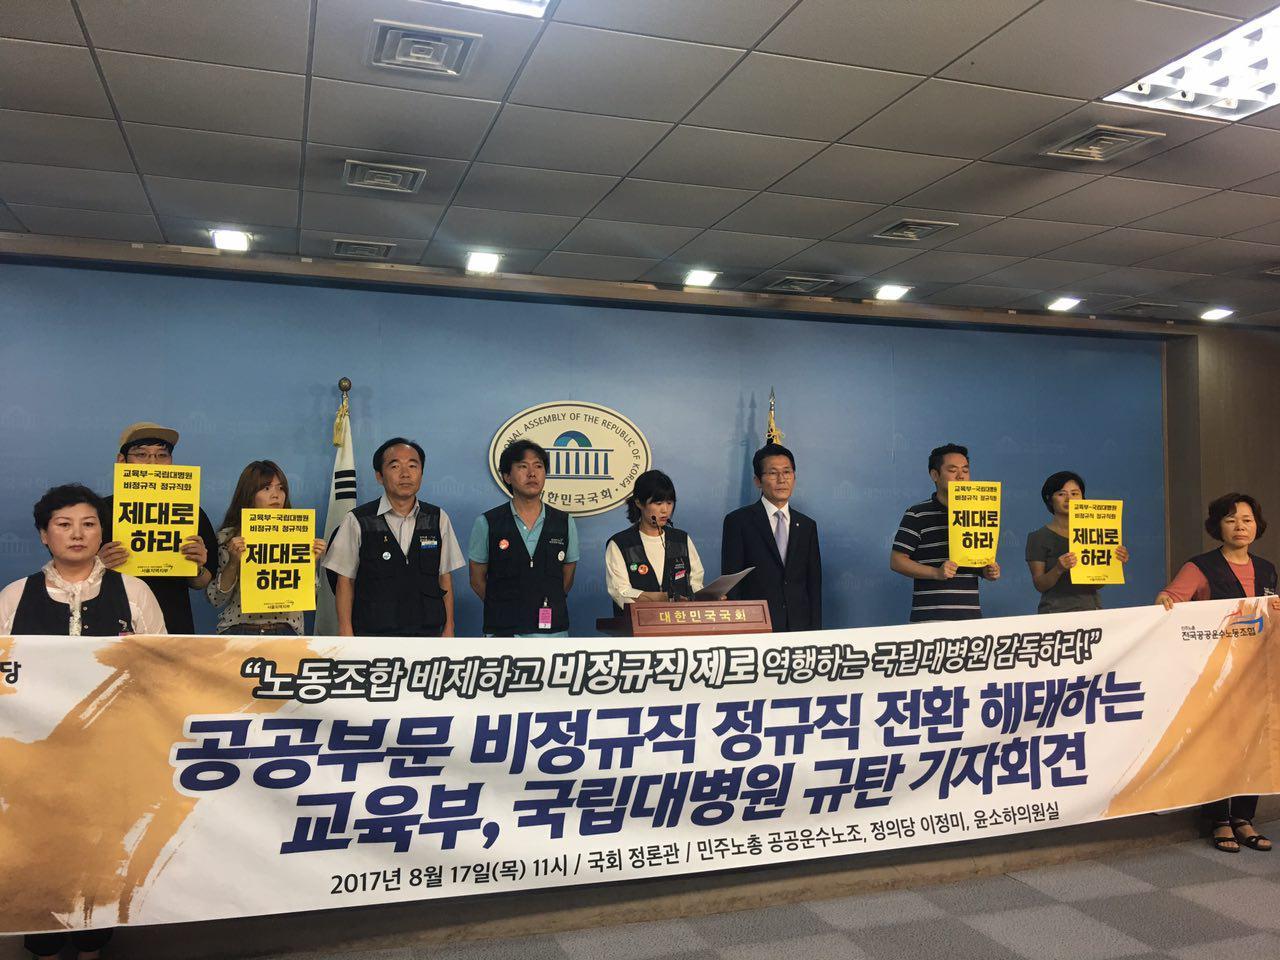 0817 국립대병원 정규직전환 기자회견 2.jpg